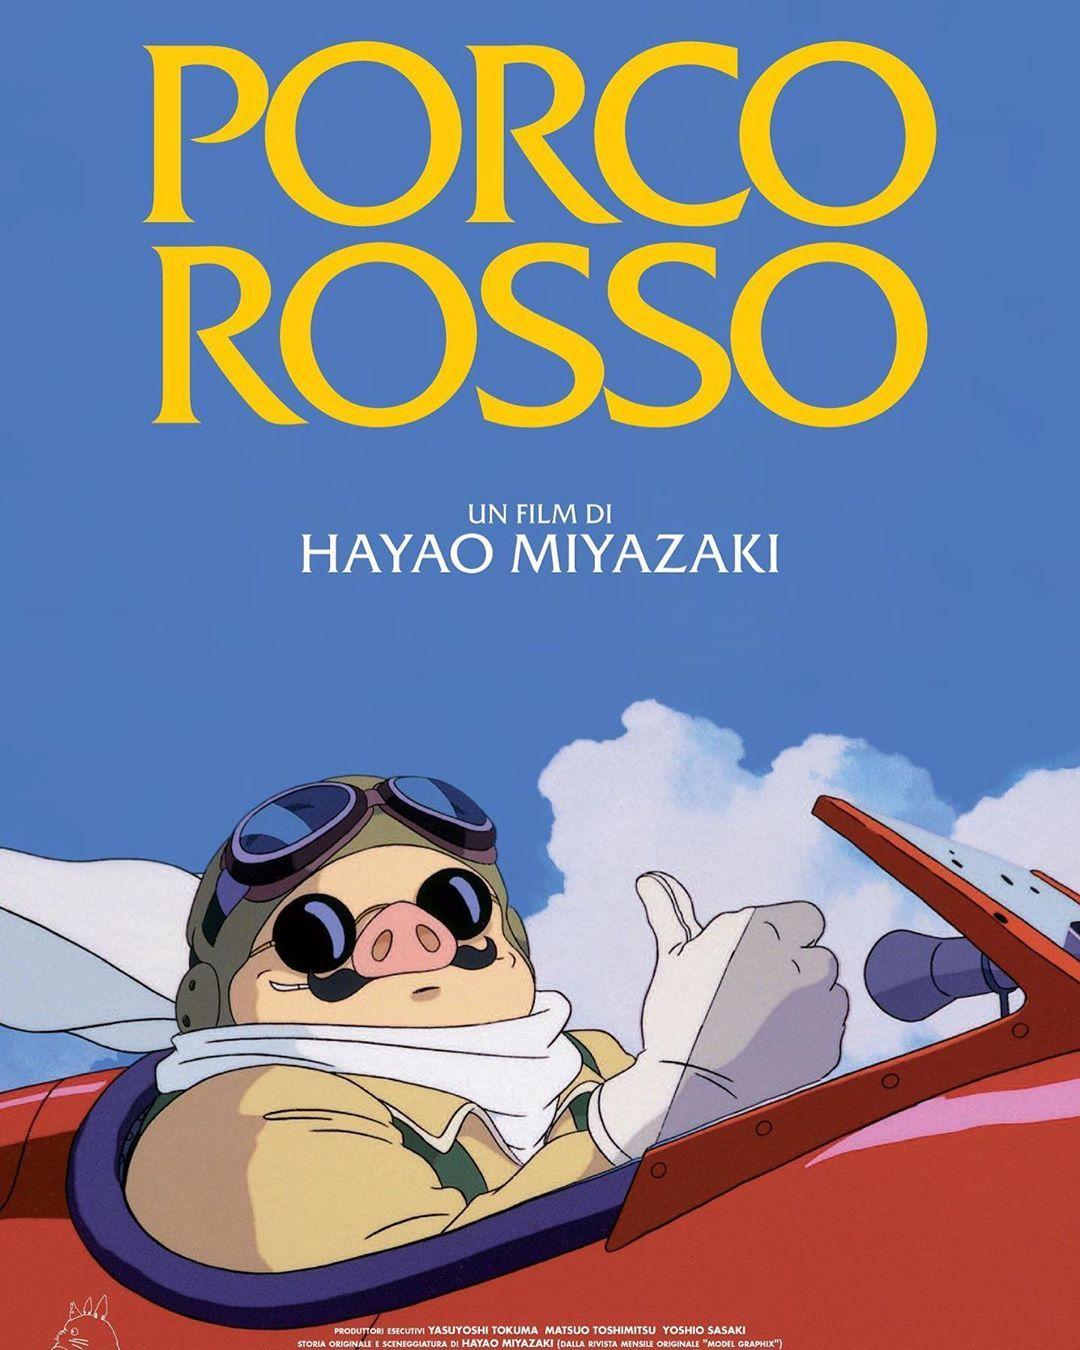 #movie #cinema #movies #animation #marvel #xmen #avengers #captainamerica #thor quot;Porco Rossoquot; (1992) de Hayao Miyazaki. (8/10)----------Basada libremente en un manga del propio Miyazaki, el genio detrs de Studio Ghibli tuvo uno de sus primeros grandes xitos internacionales con quot;Porco Rossoquot;. Ambientada en la Primera Guerra Mundial, la historia es una fantasa histrica de amor, adems de una declaracin antiblica que profesa libertad y esperanza para una humanidad en perodos de decad